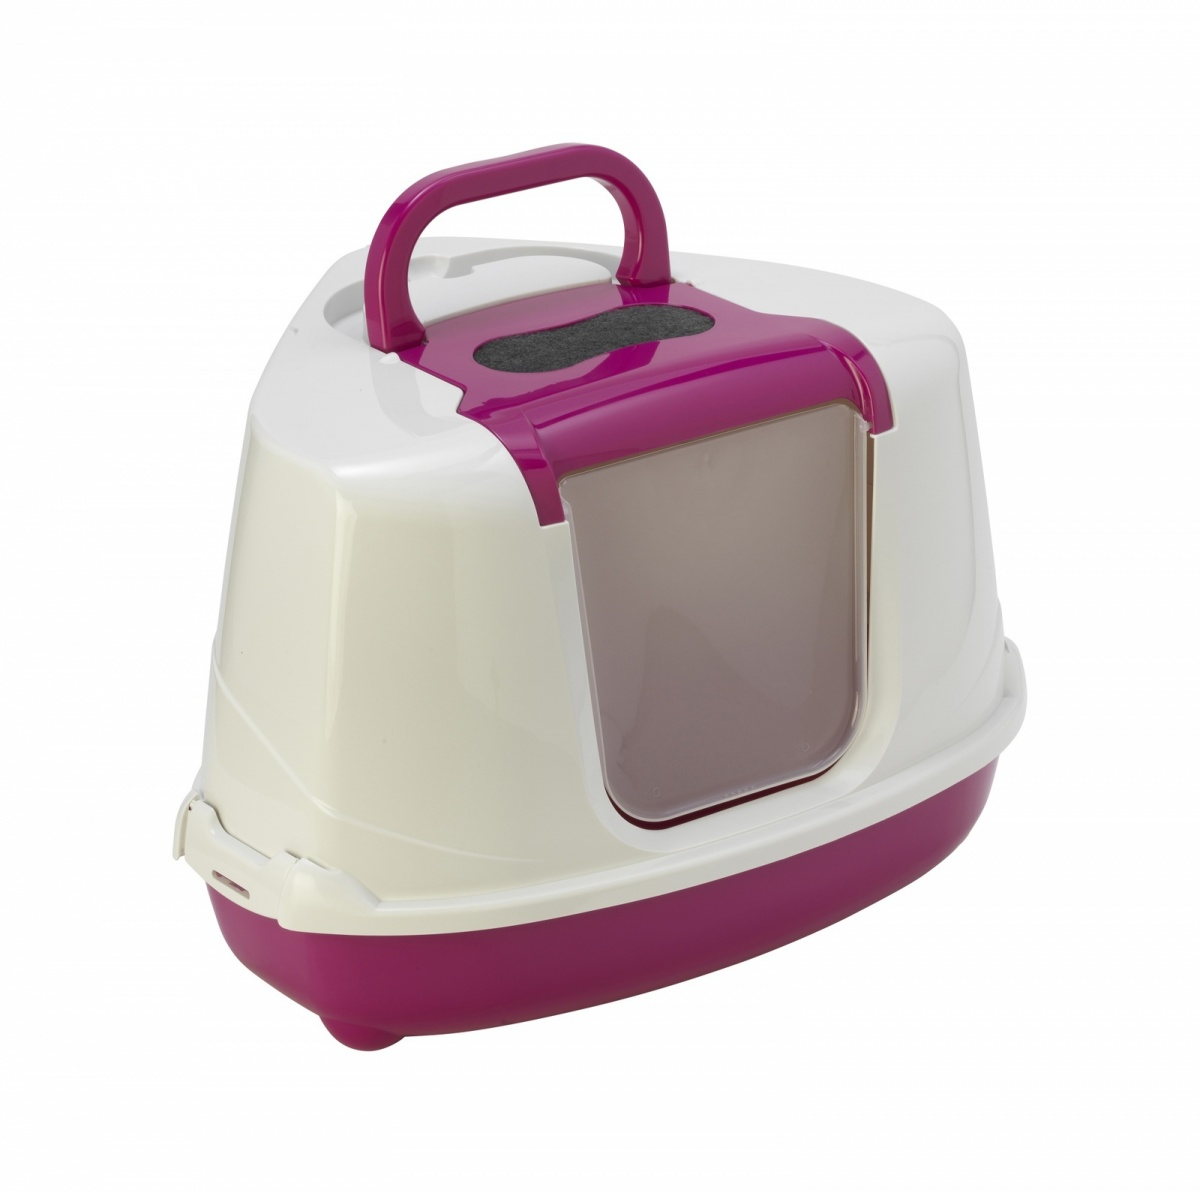 24646/ С 250-328 MODERNA Flip Туалет-домик для кошек 55х45х38 см розовый угловой